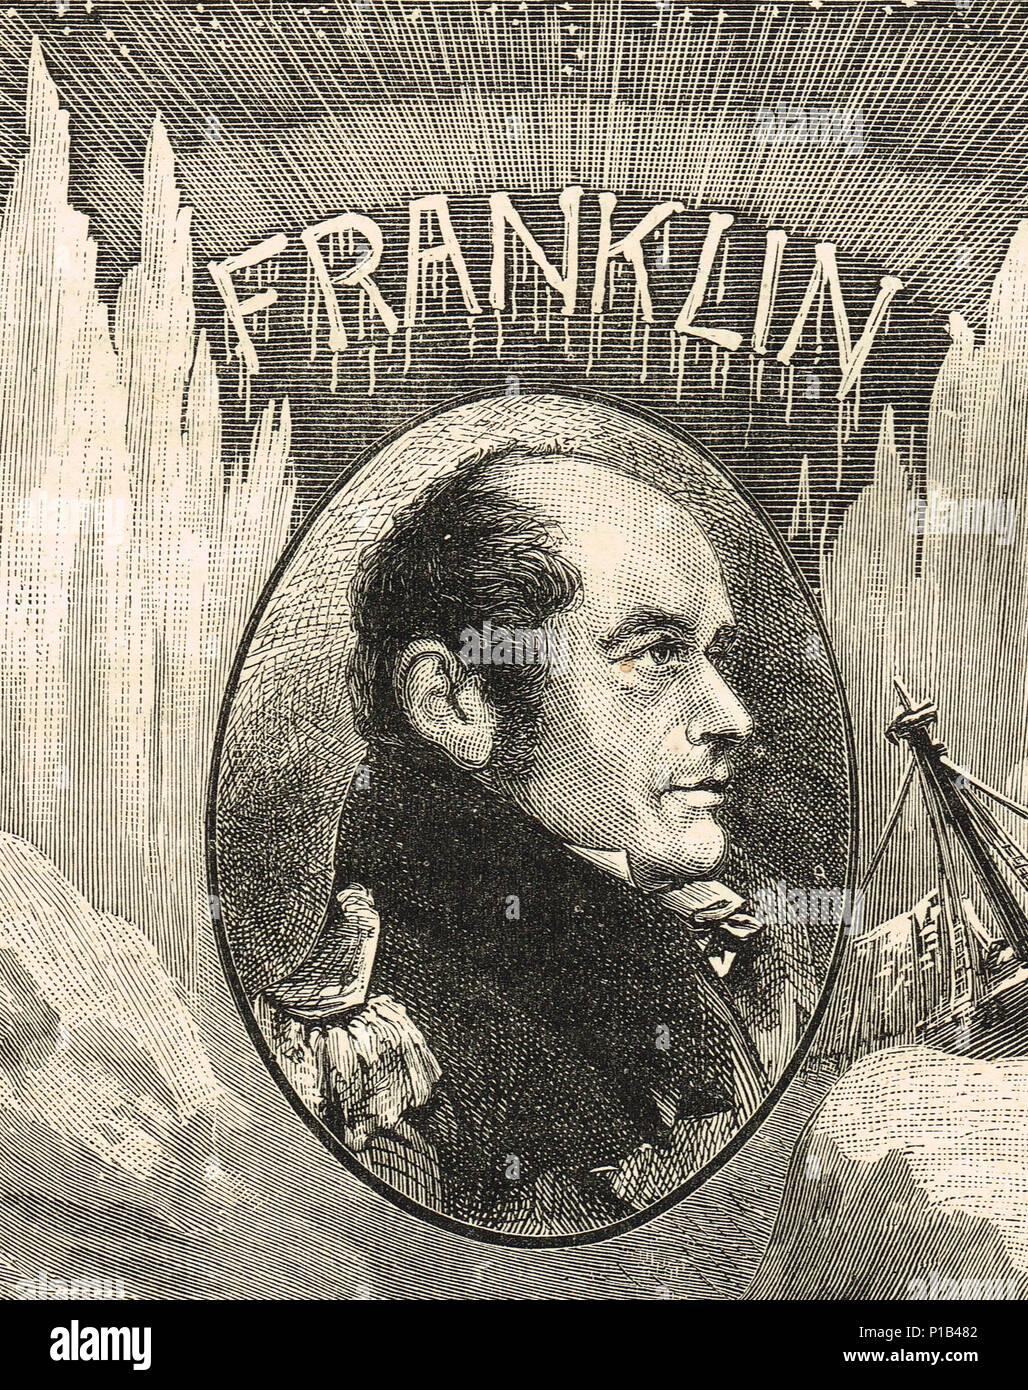 Sir John Franklin, Arctic explorer - Stock Image